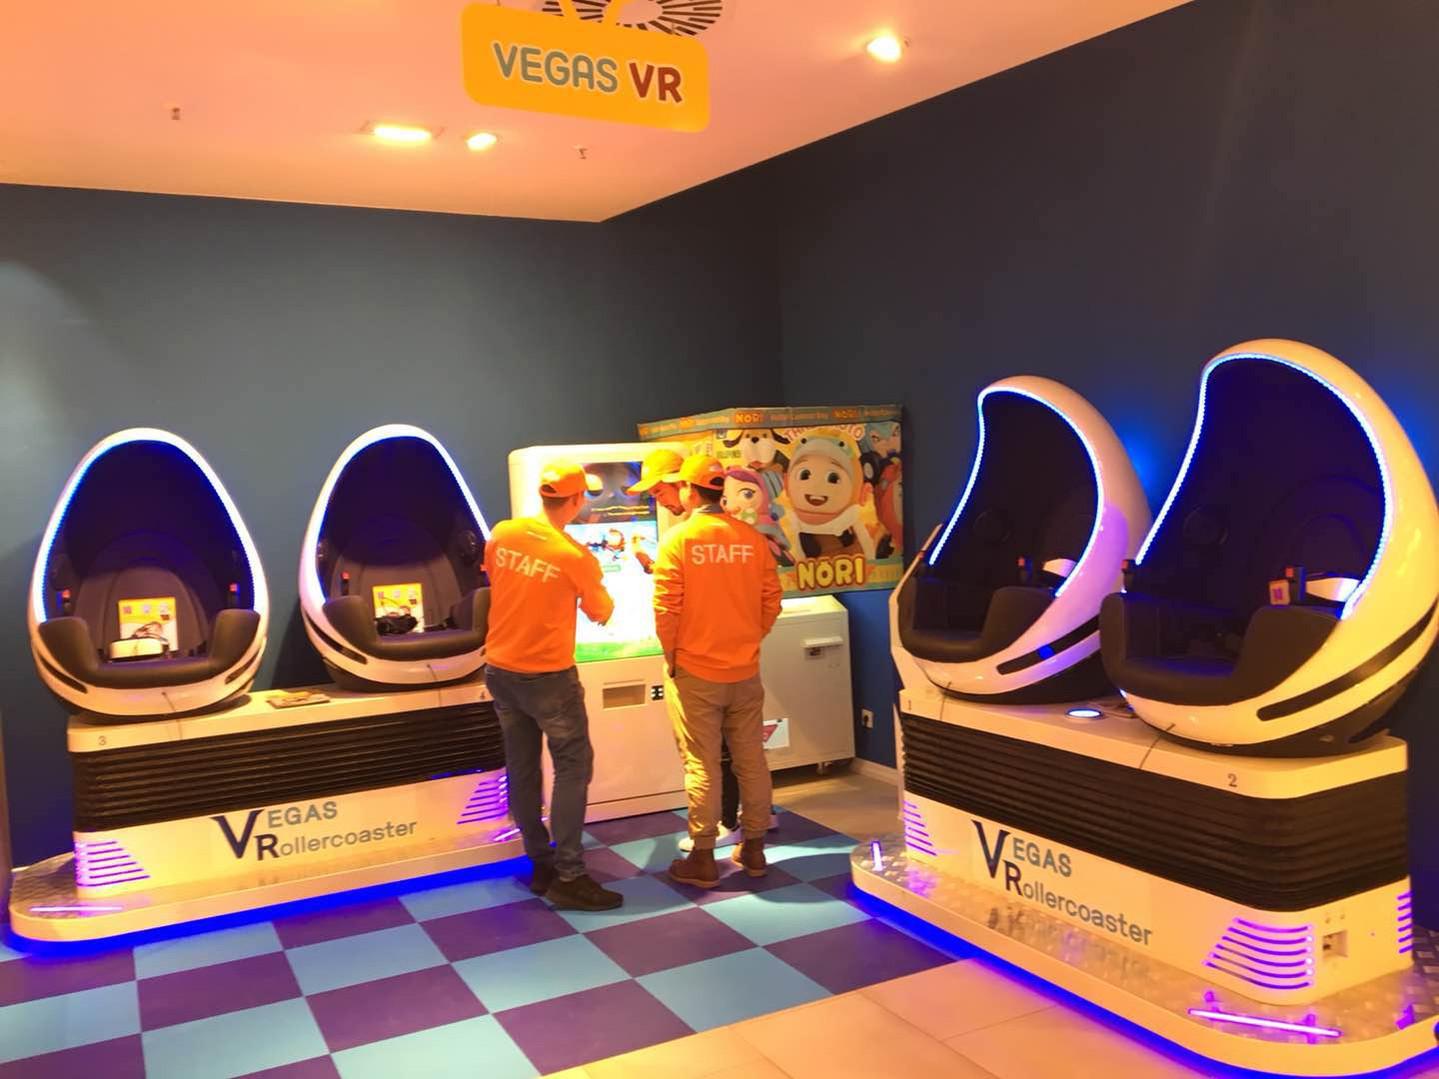 베가스 VR